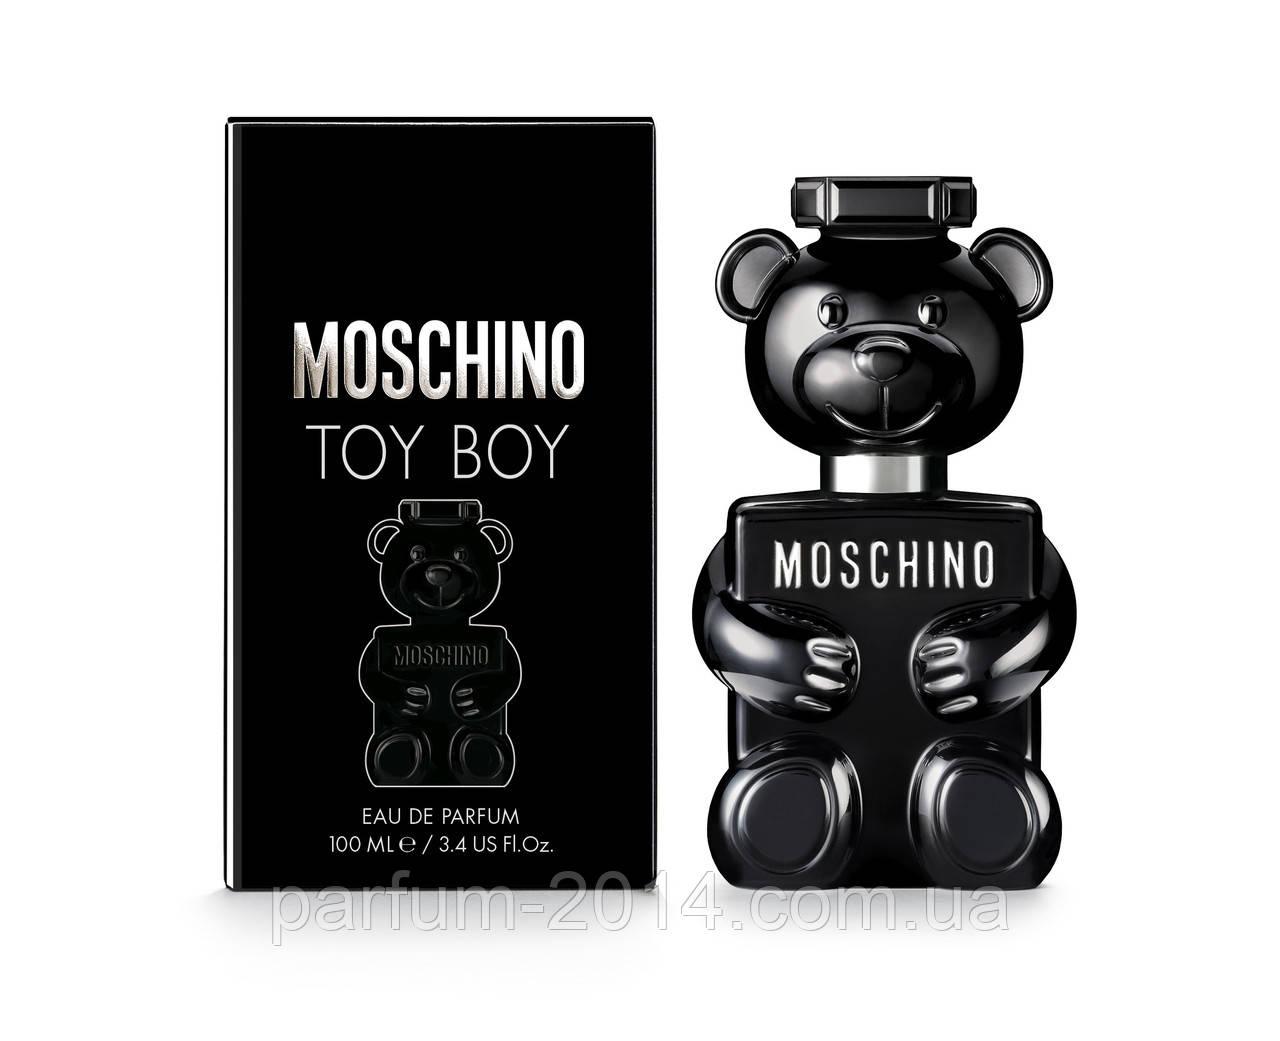 Мужская парфюмированная вода Moschino Toy Boy (реплика)